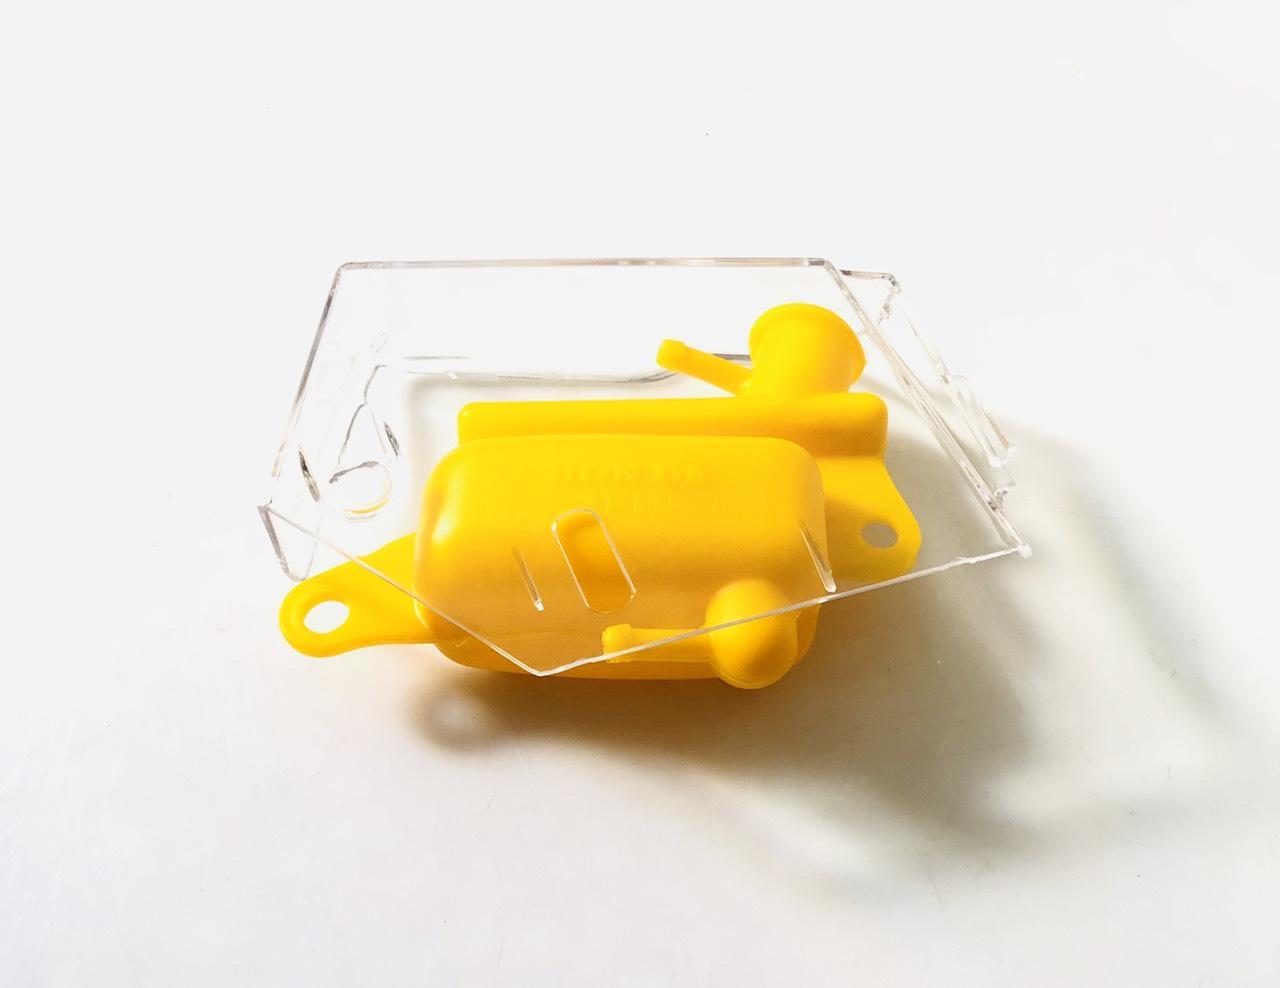 bộ nắp trong suốt bình nước vàng gắn dè chắn bùn sau AB